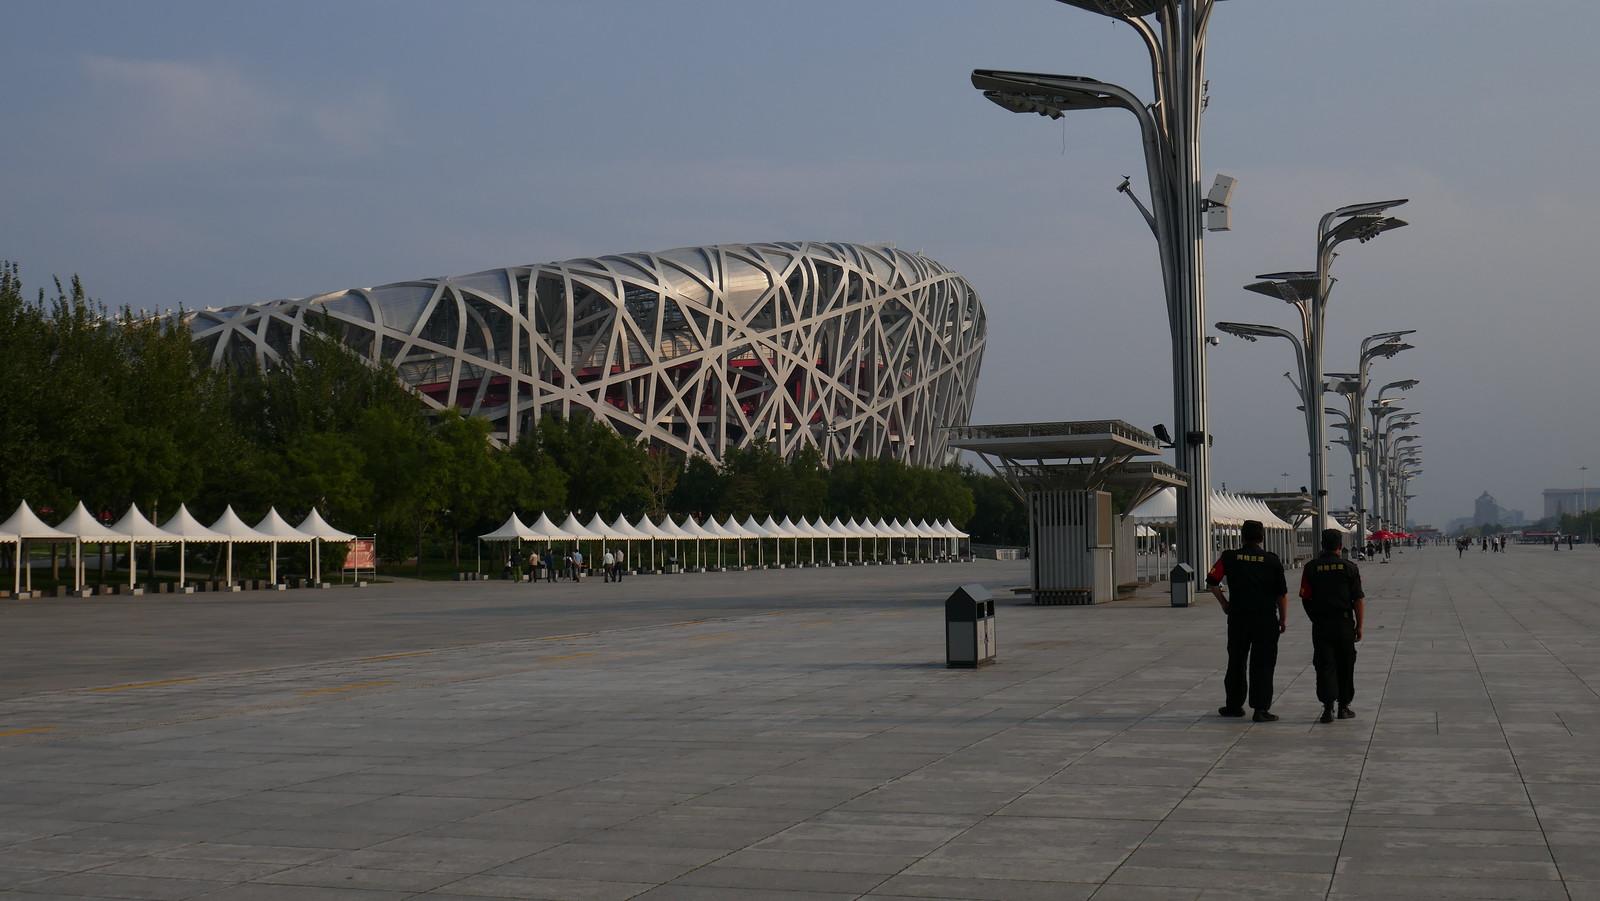 Estadio Nacional de Pekín en el soleado Parque Olímpico